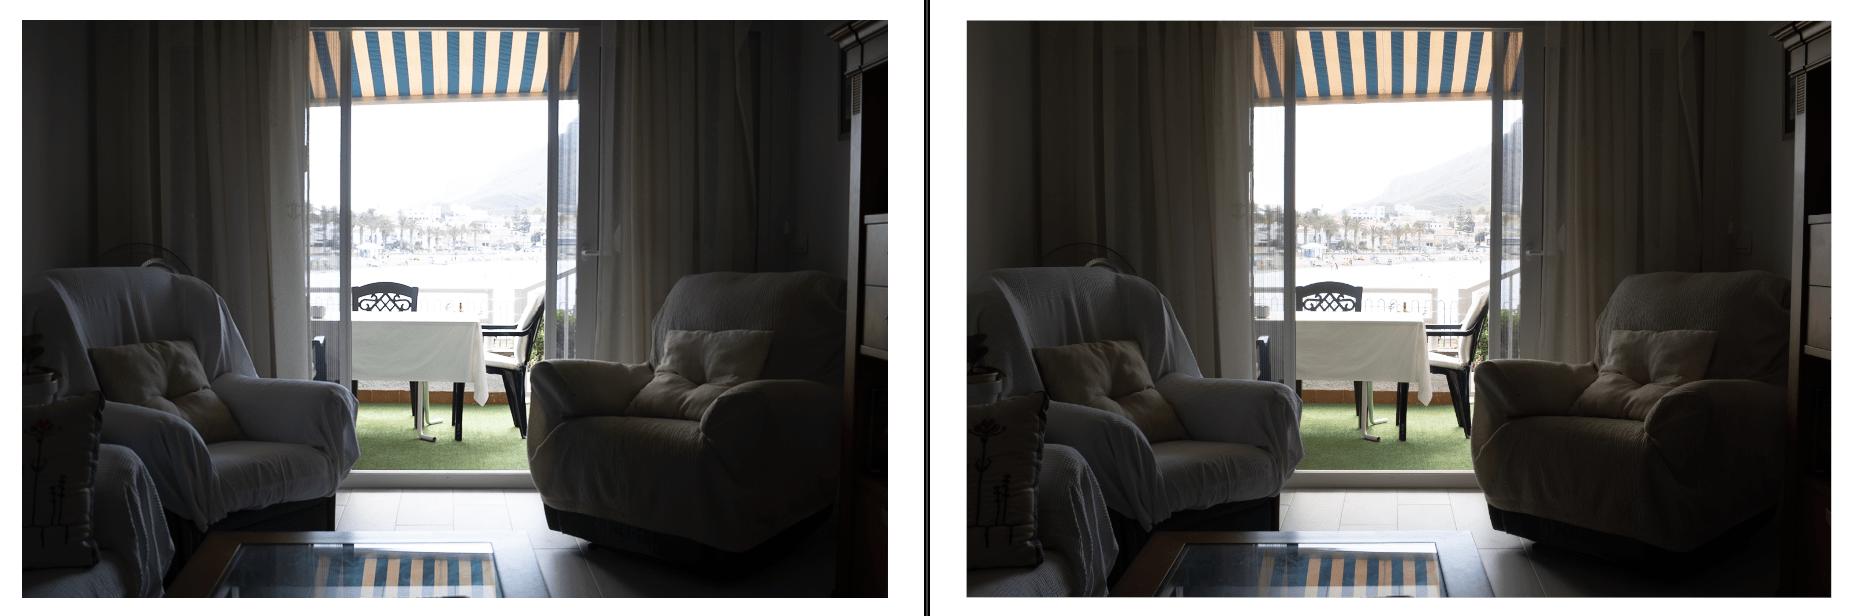 Comparativa de archivo original con exposición correcta y archivo dng tras HDR en Lightroom